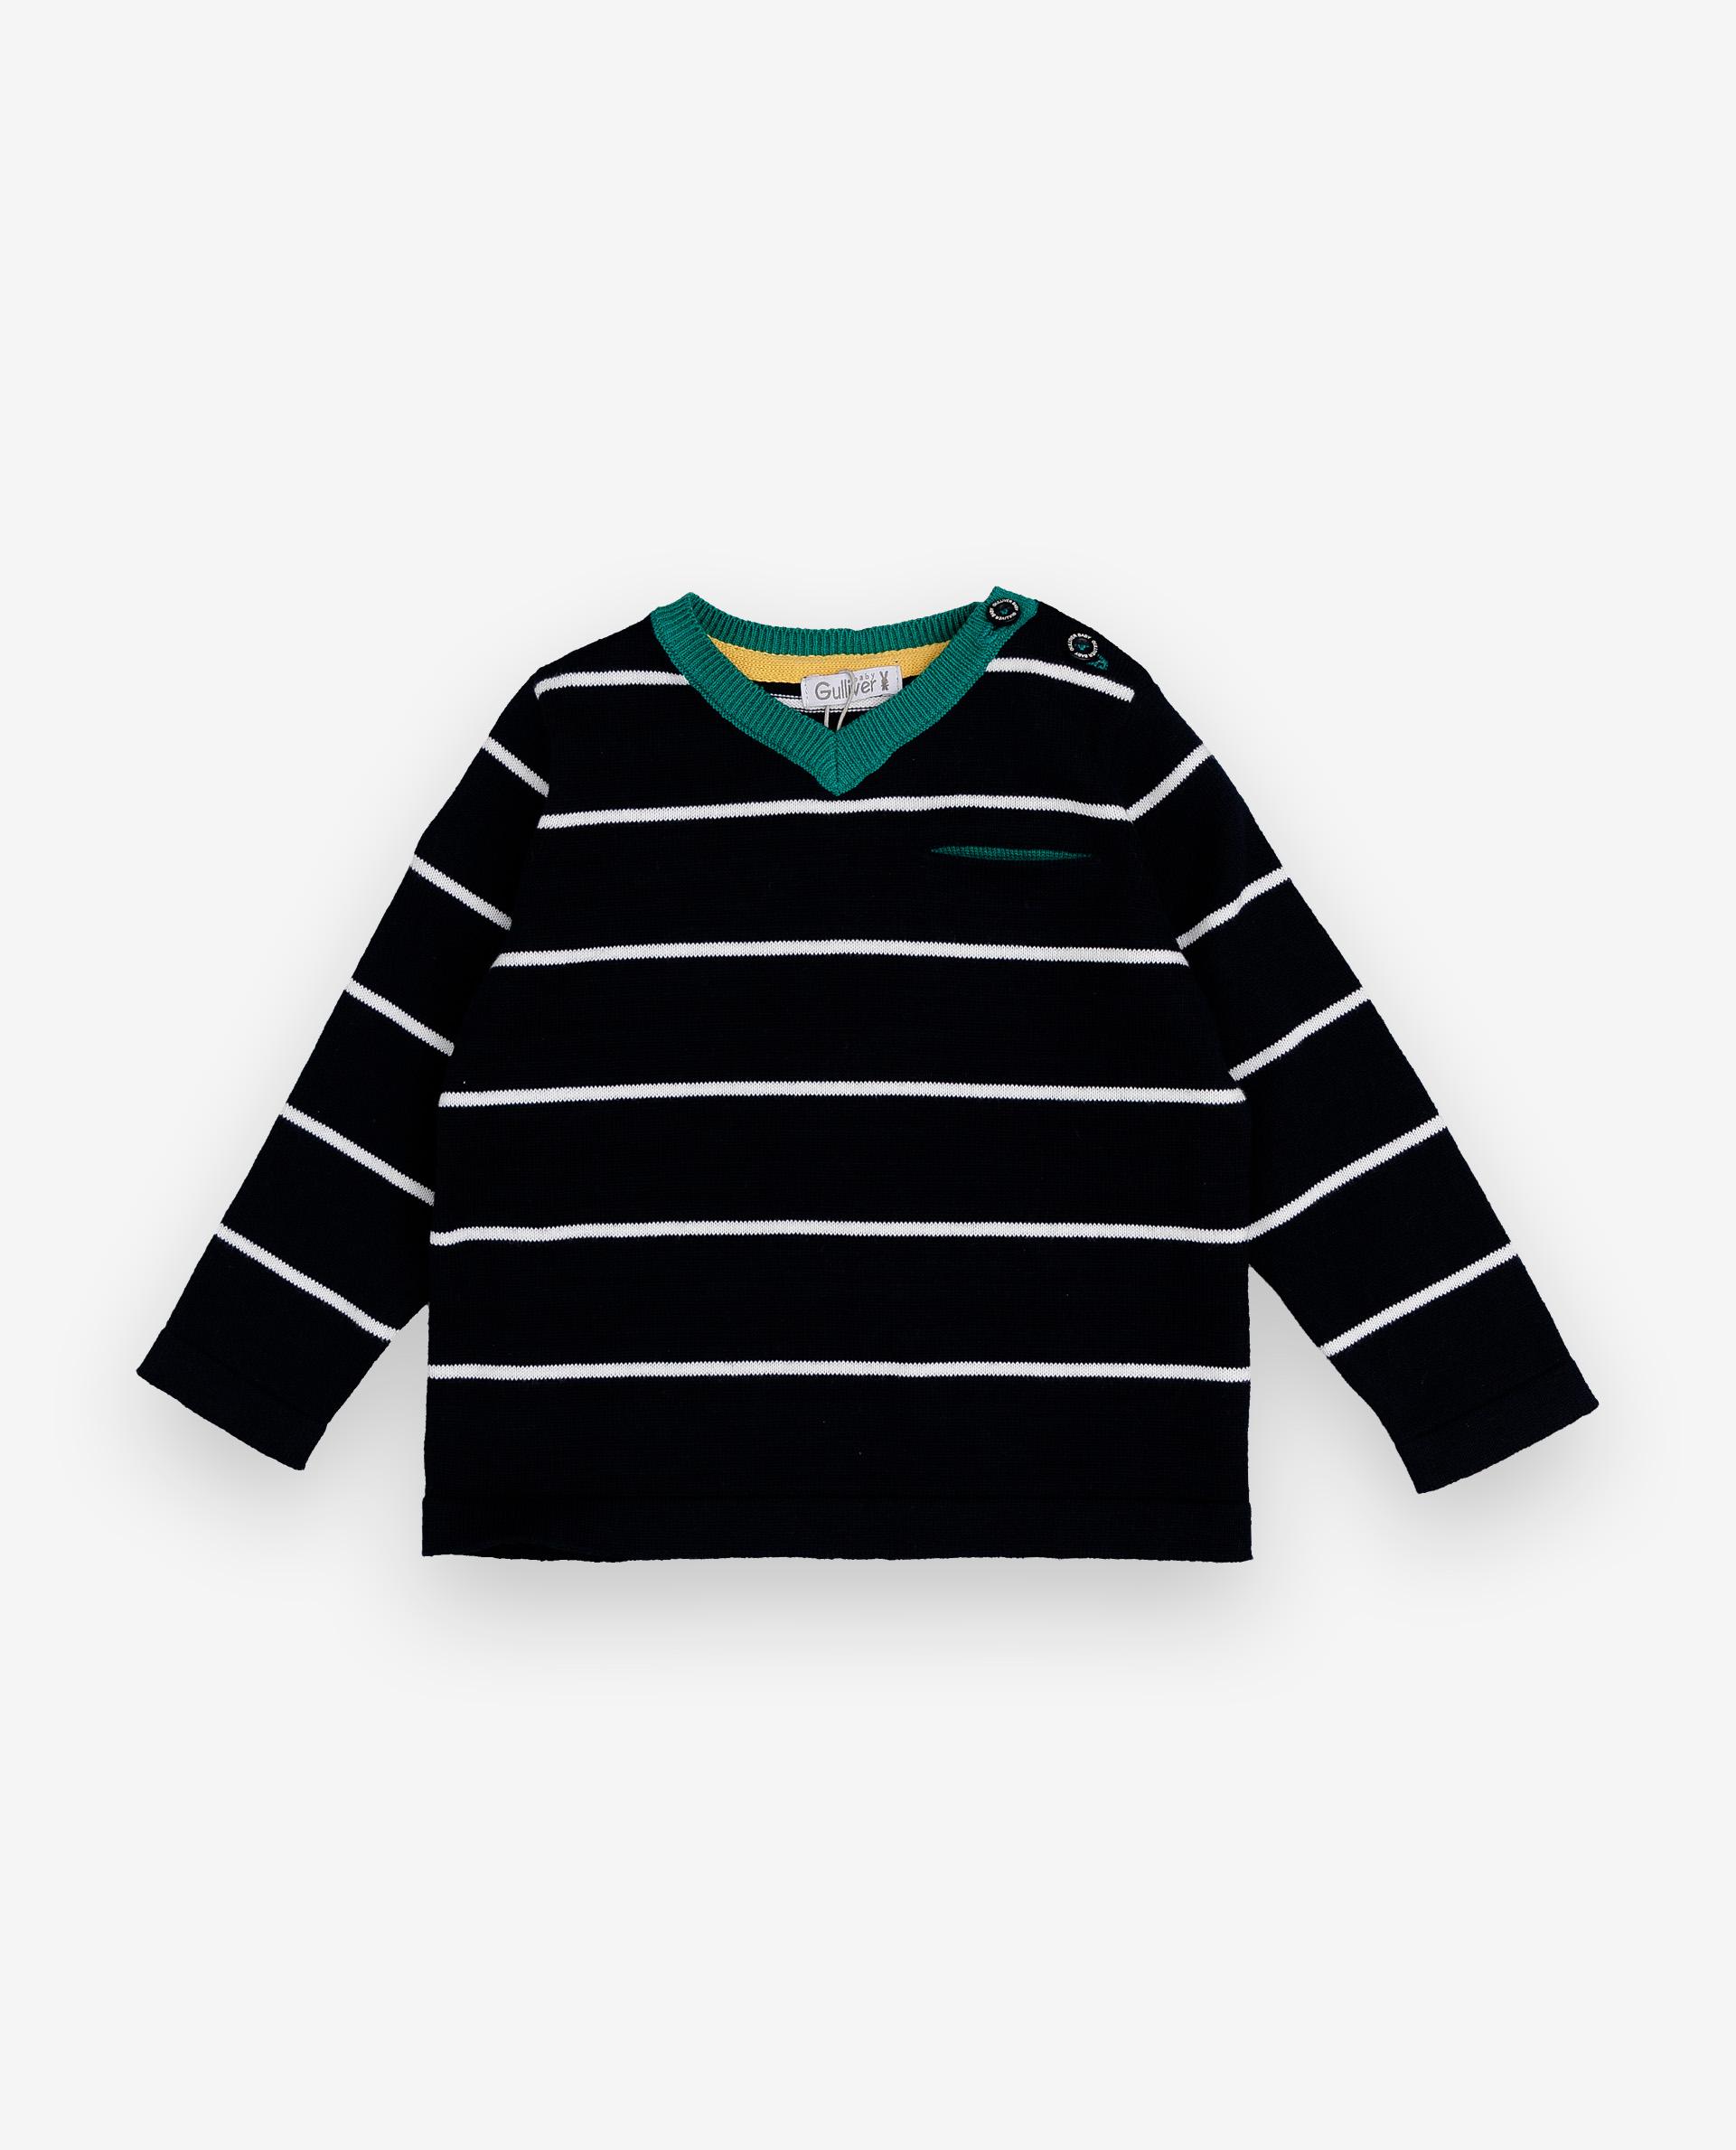 Купить 12033BBC3101, Джемпер для мальчиков Gulliver, цв. синий, р.74, Кофточки, футболки для новорожденных